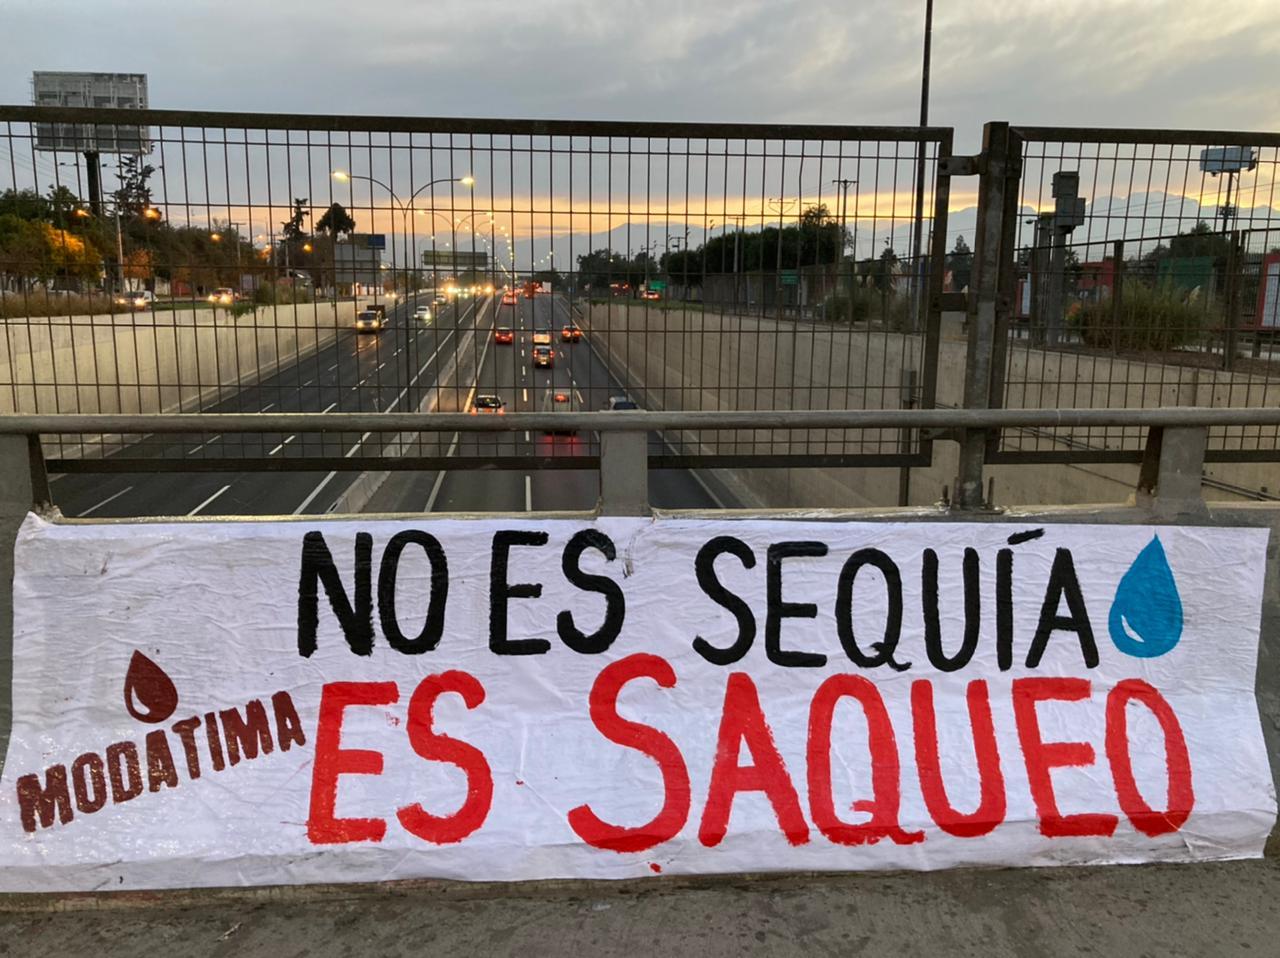 Entre los Andes y el Pacífico Sur: reporte MODATIMA #1